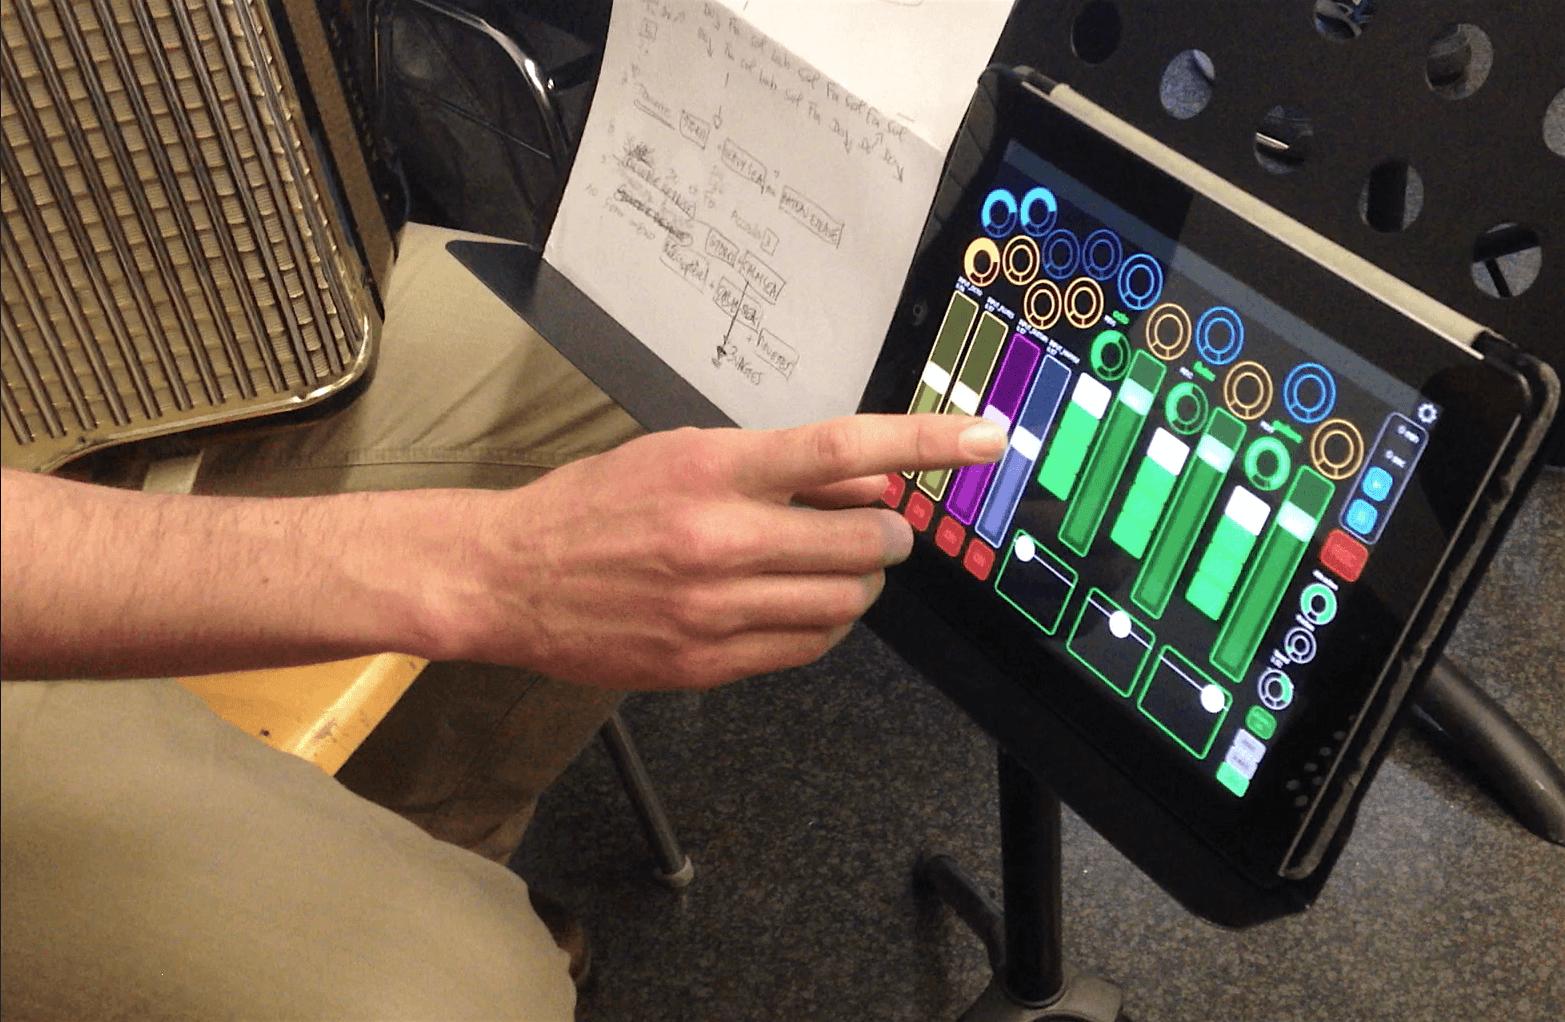 accordéon et paysage sonore télécommandé sur un ipad